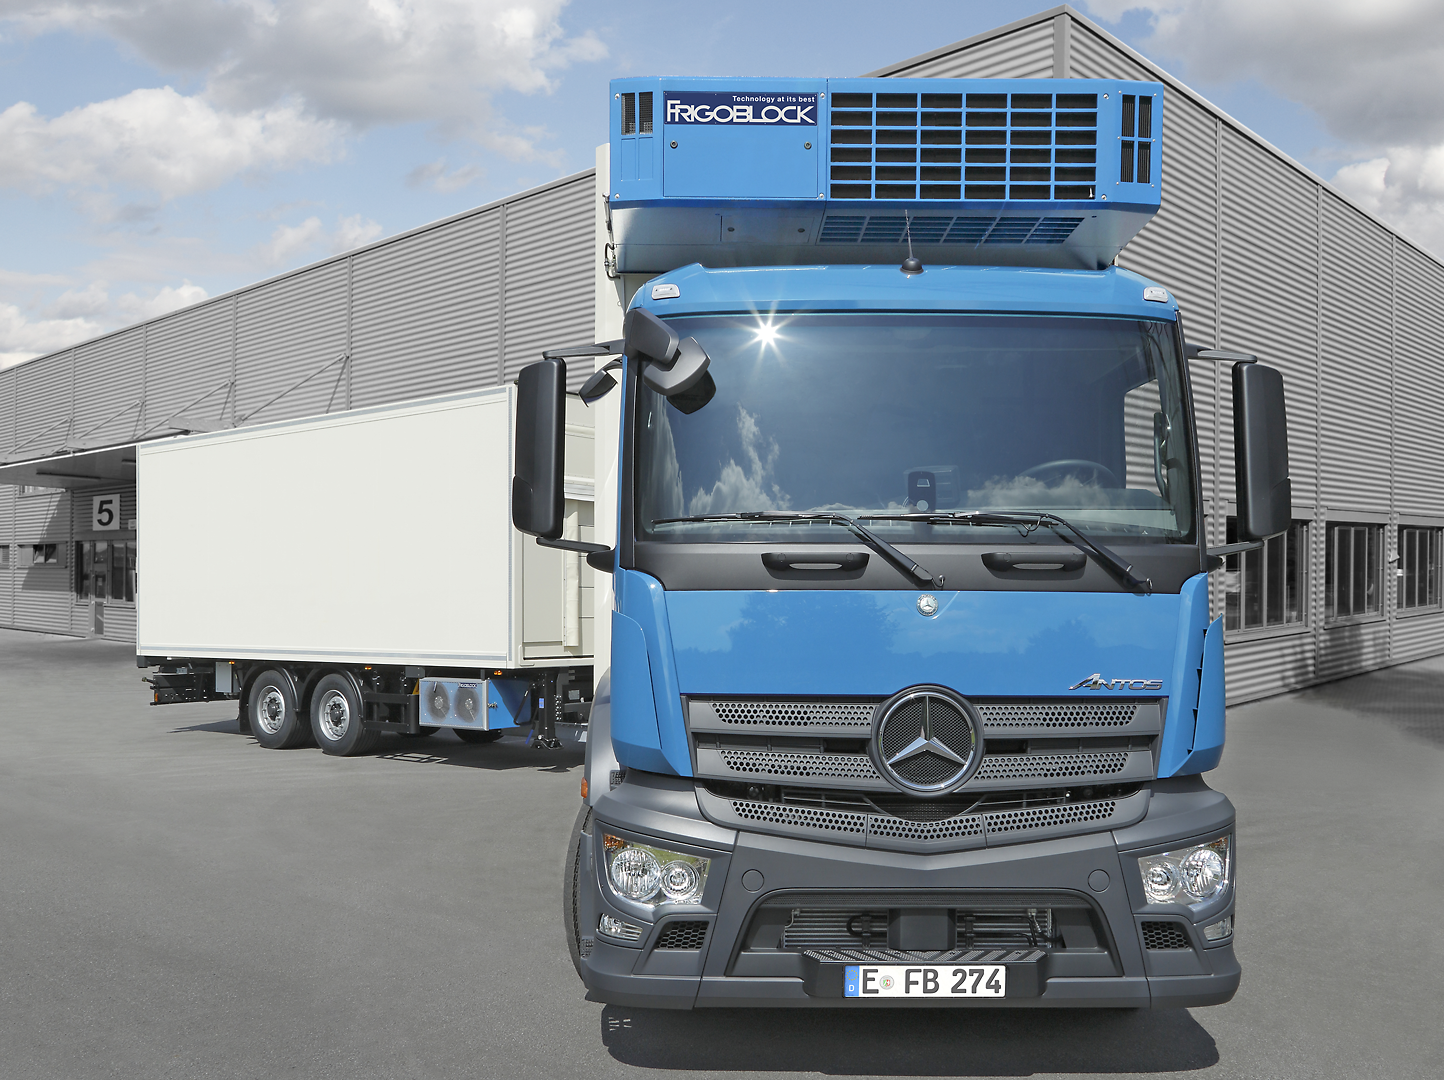 Frigoblock EK Series - DK Series - duurzaam - truck - bakwagen - elektrisch